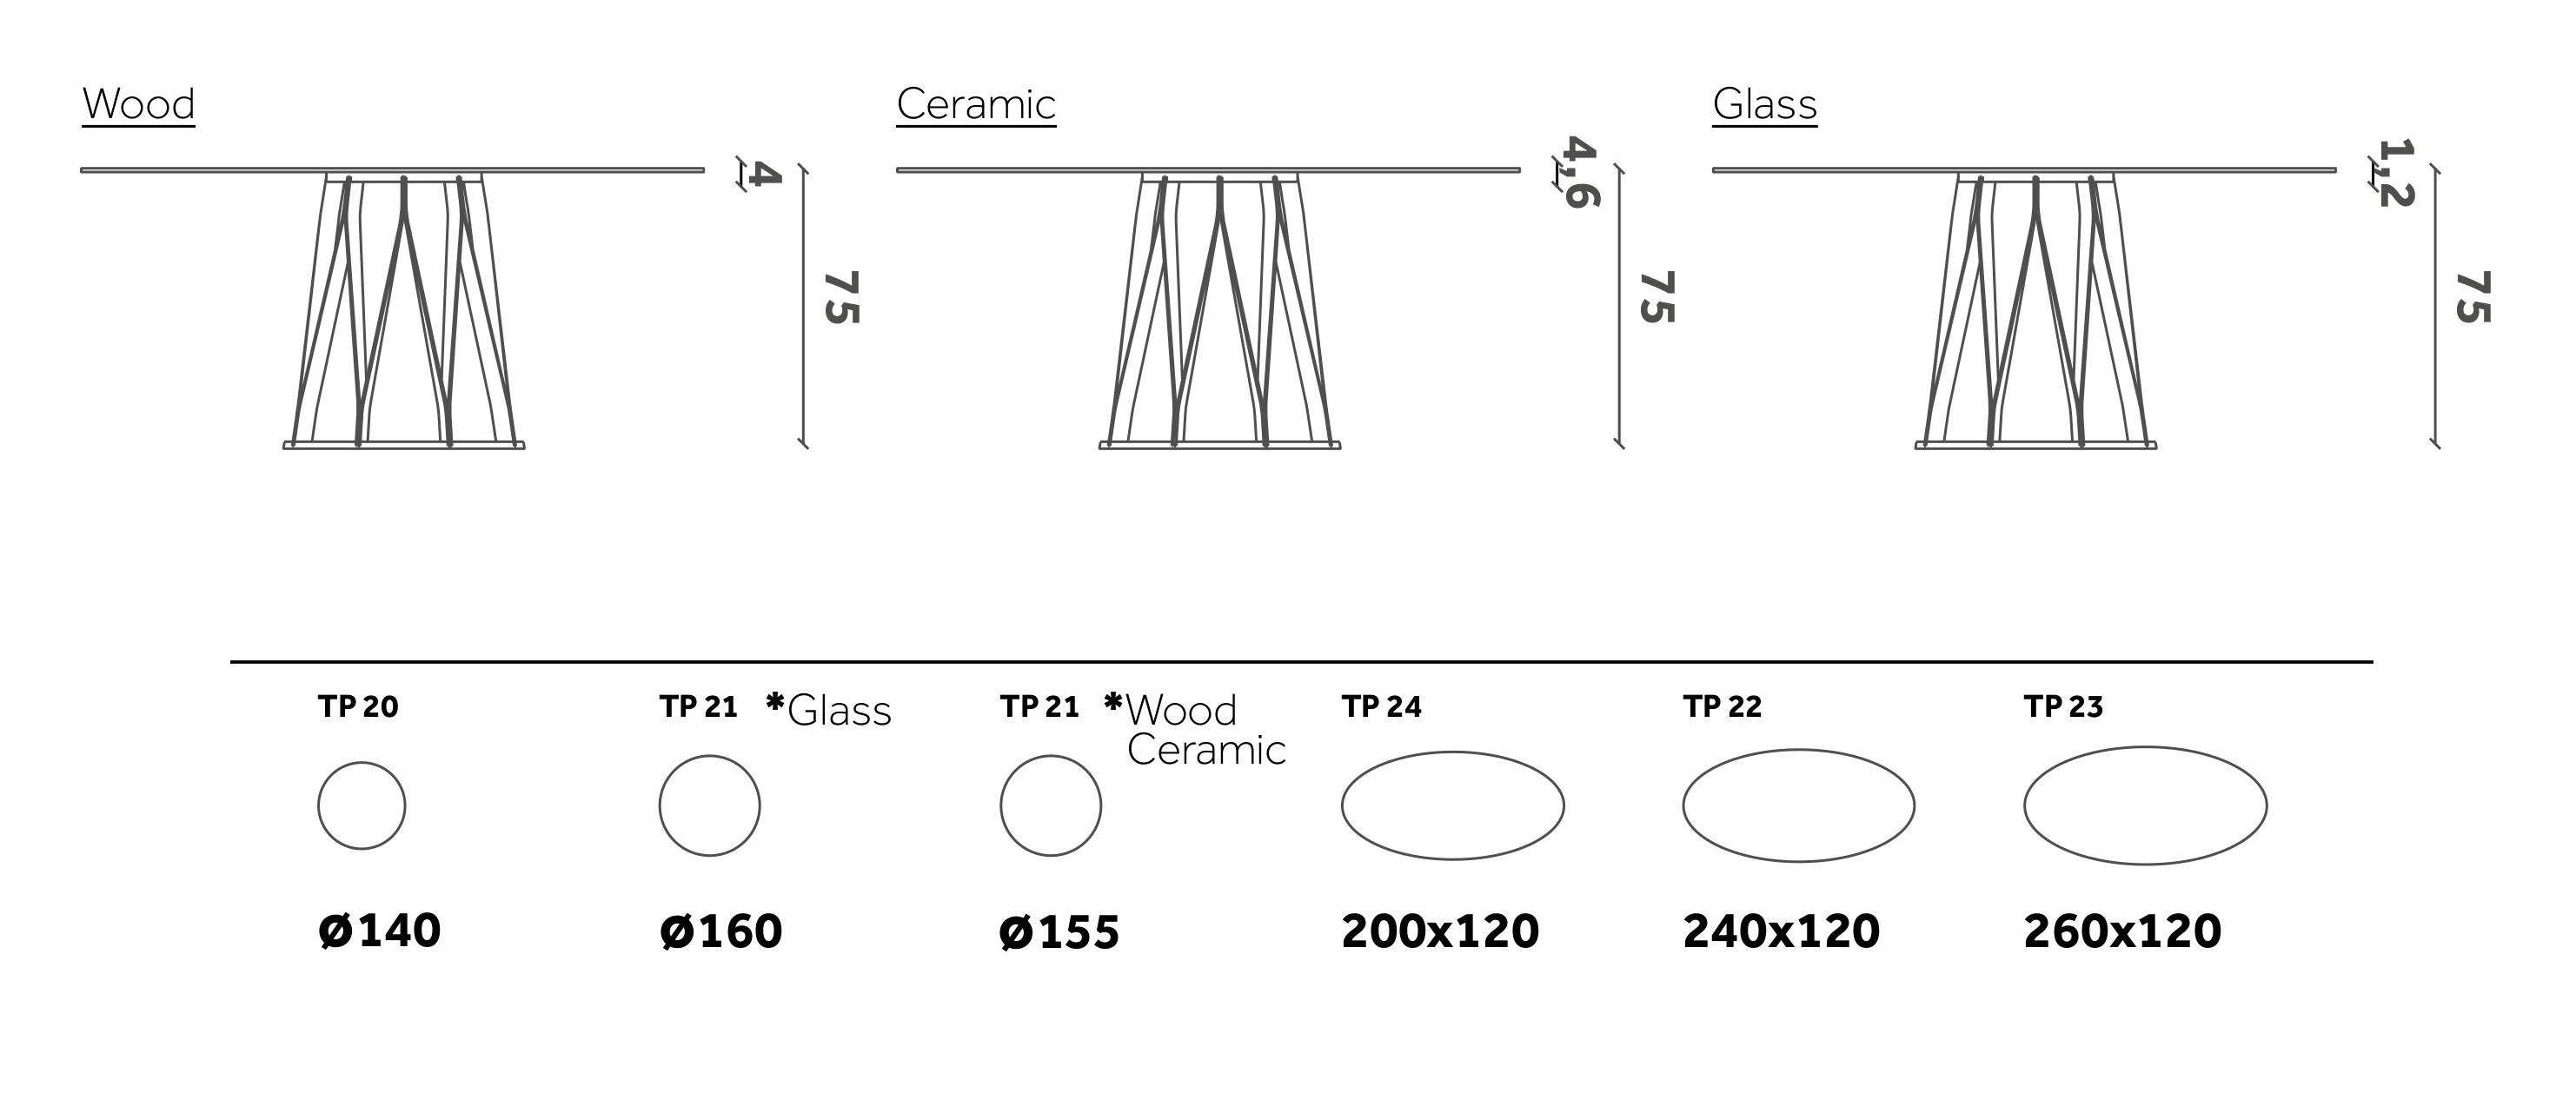 Acco tavoli fissi tavoli miniforms masonionline - Misure tavolo 6 posti ...